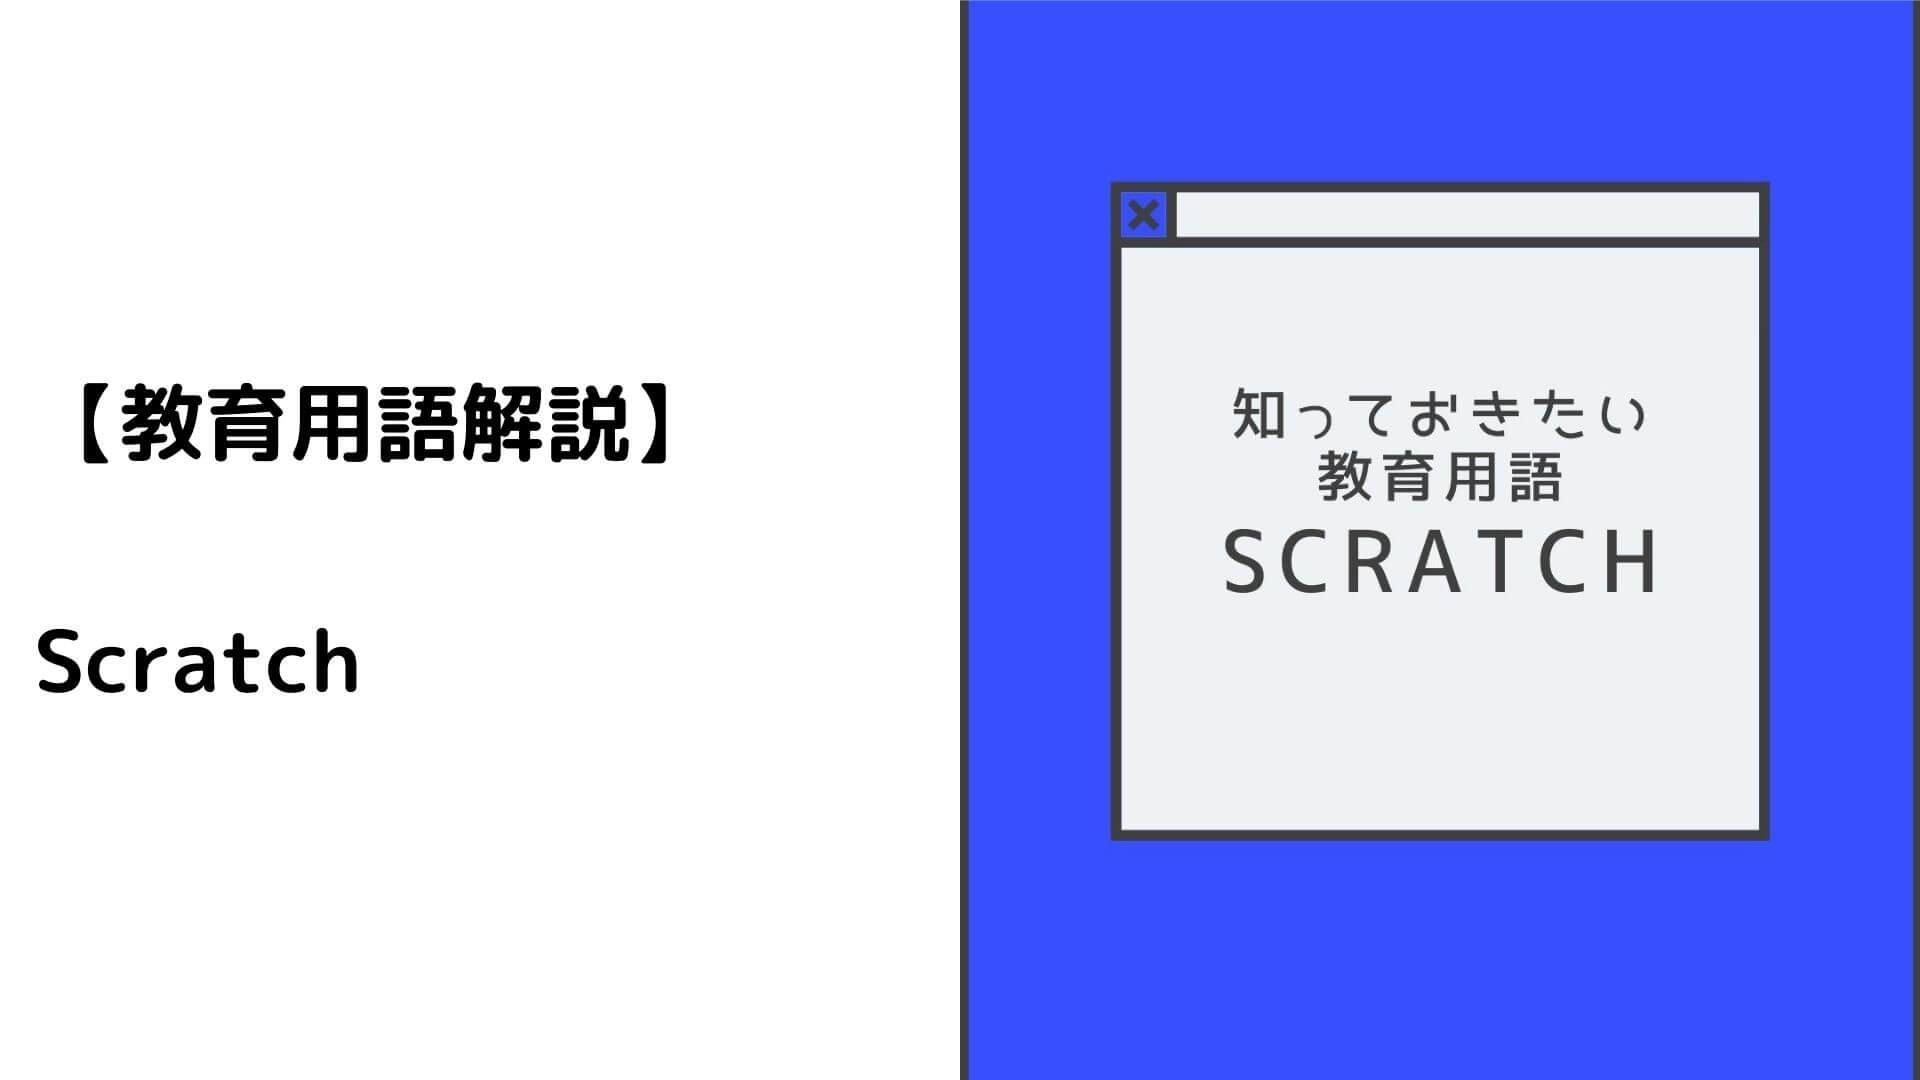 知っておきたい教育用語:Scratch(スクラッチ)